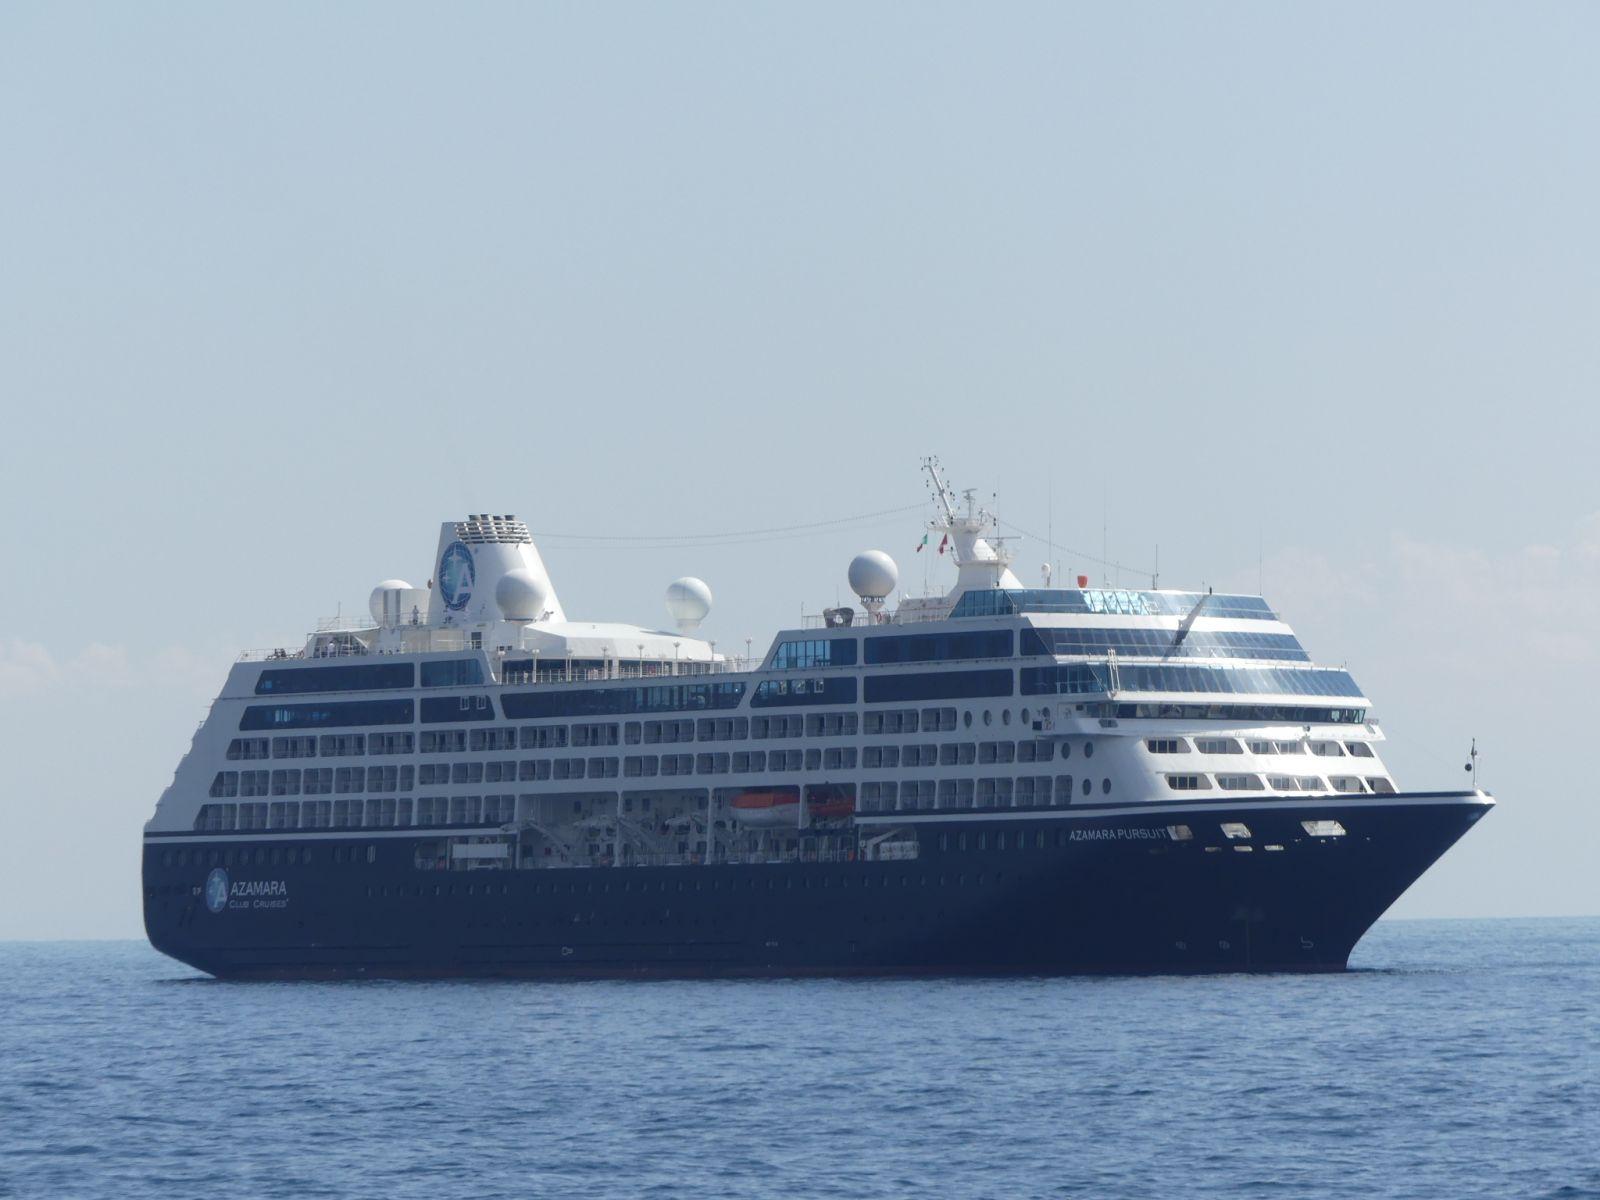 azamara-at-sea